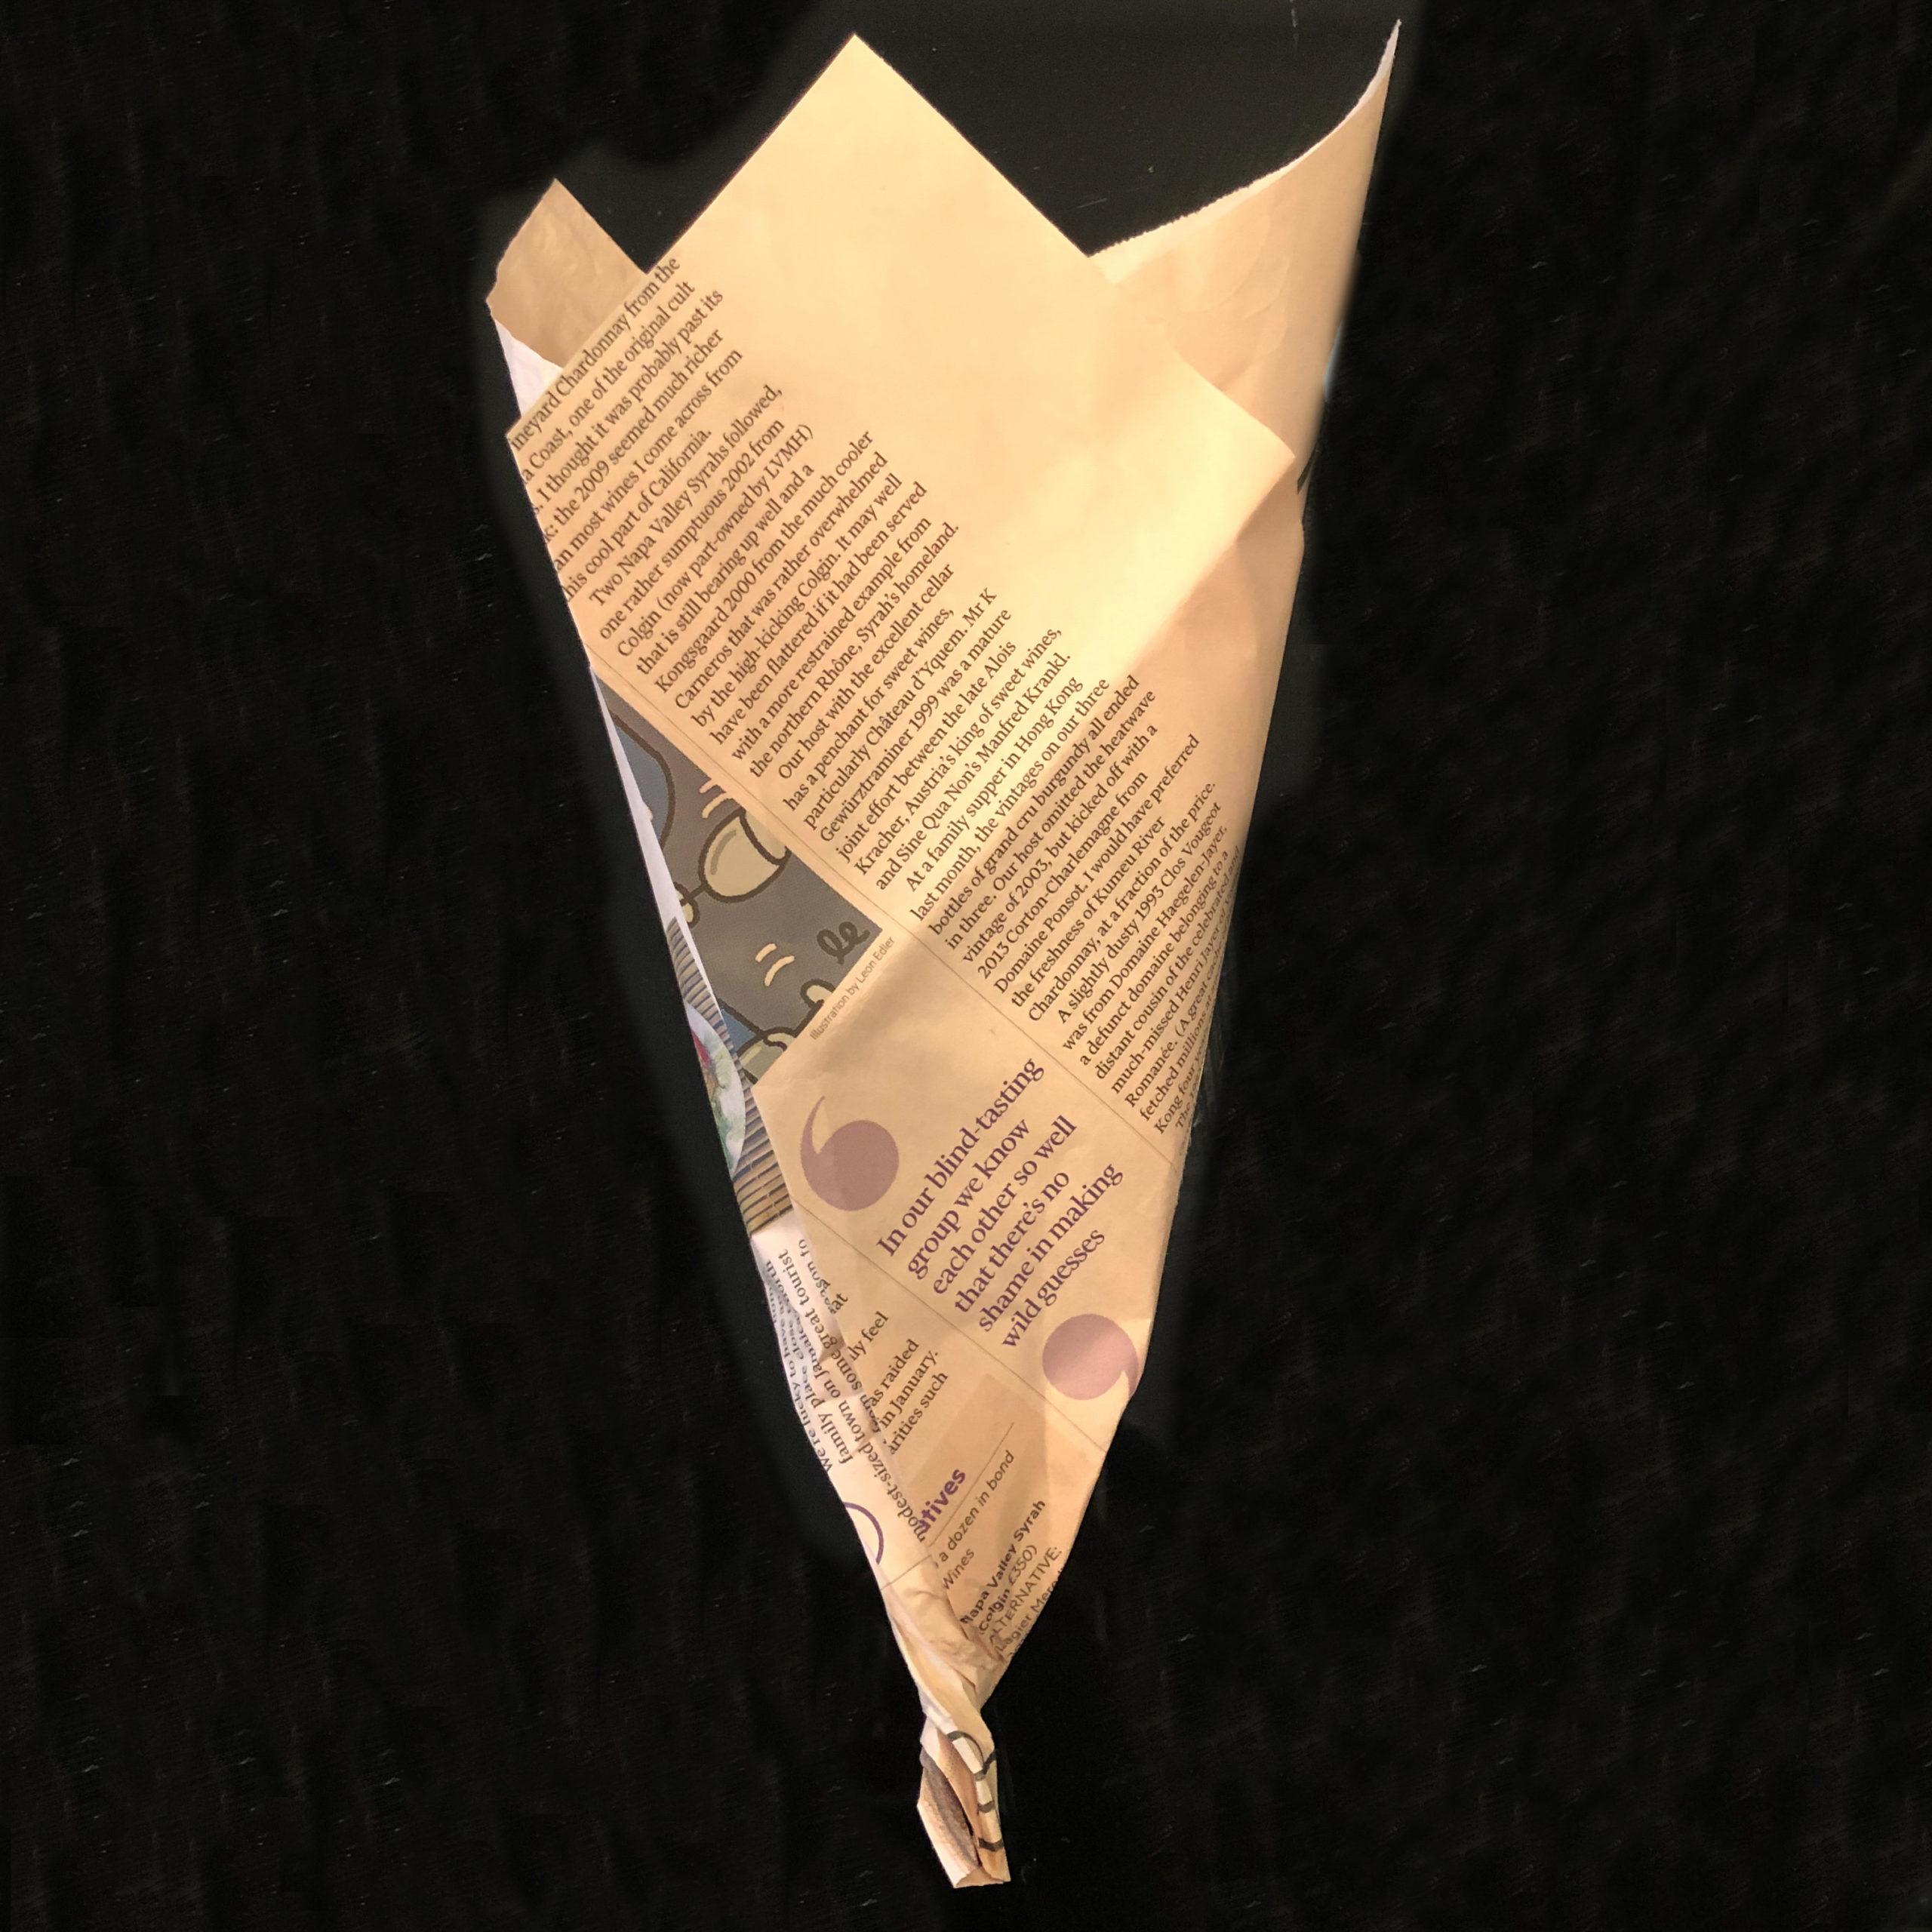 包装紙の根元をねじったところを撮影した画像